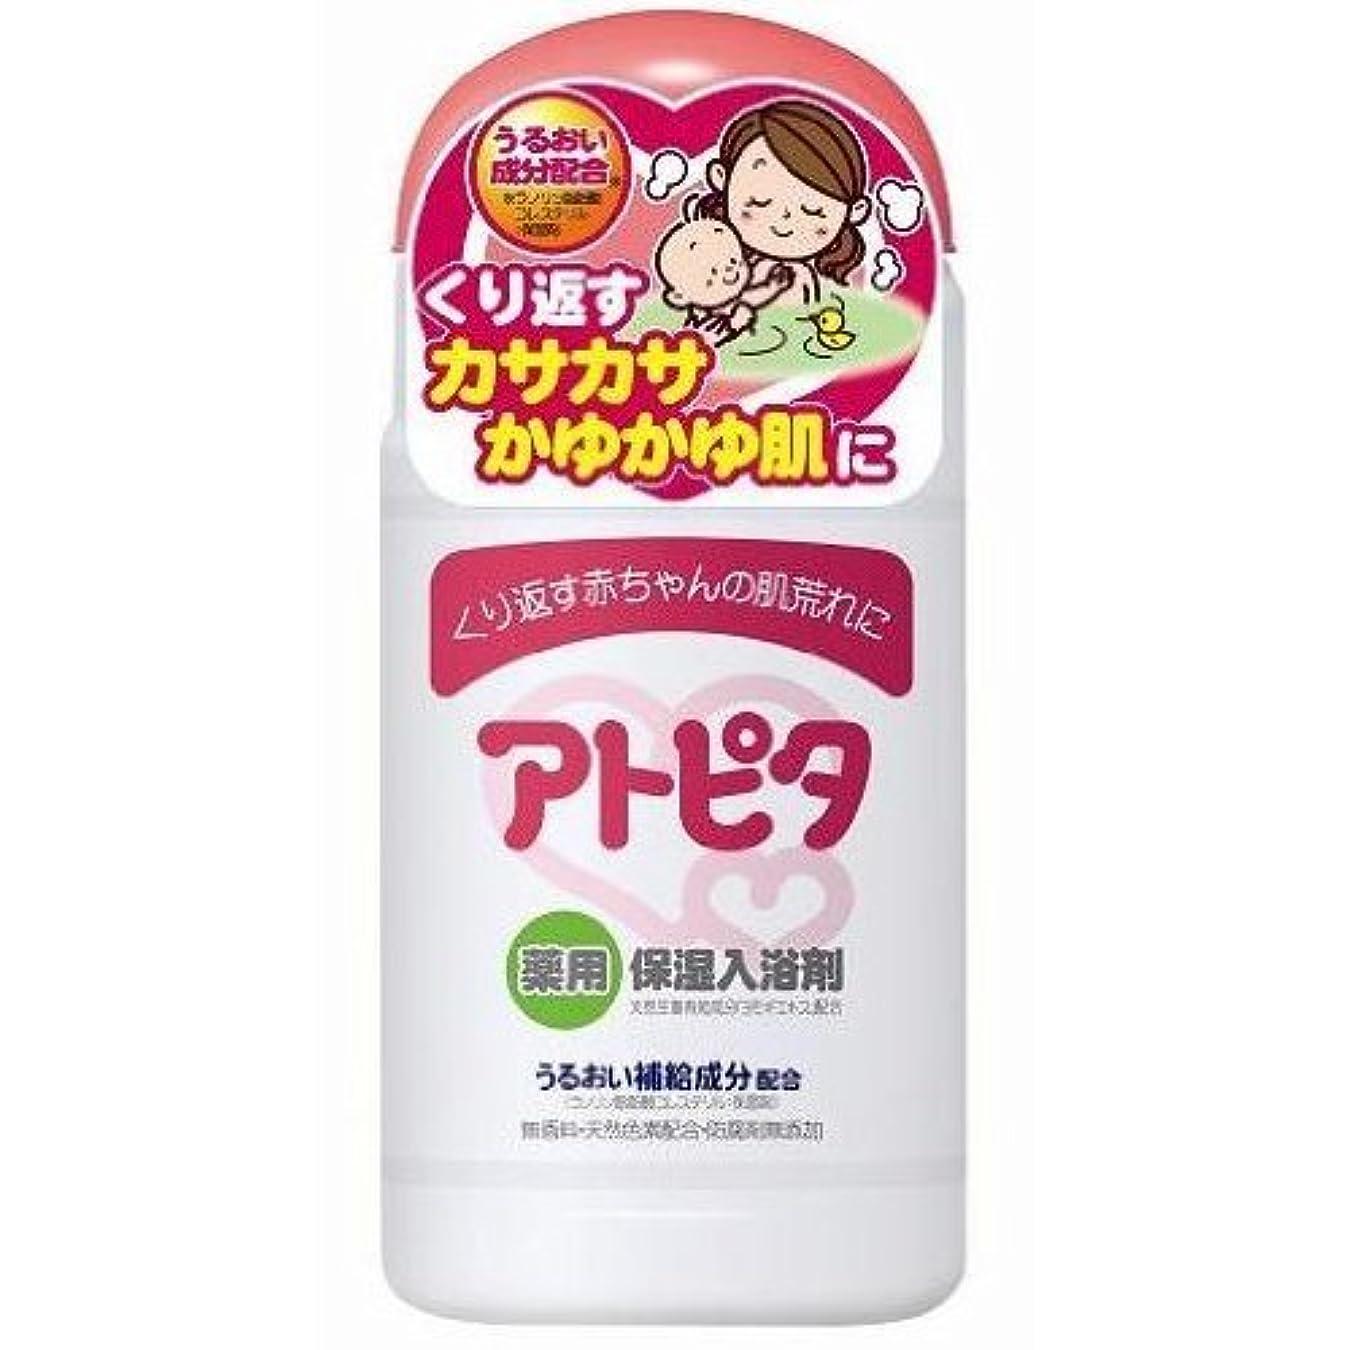 ミンチクマノミコンテストアトピタ薬用入浴剤 500g